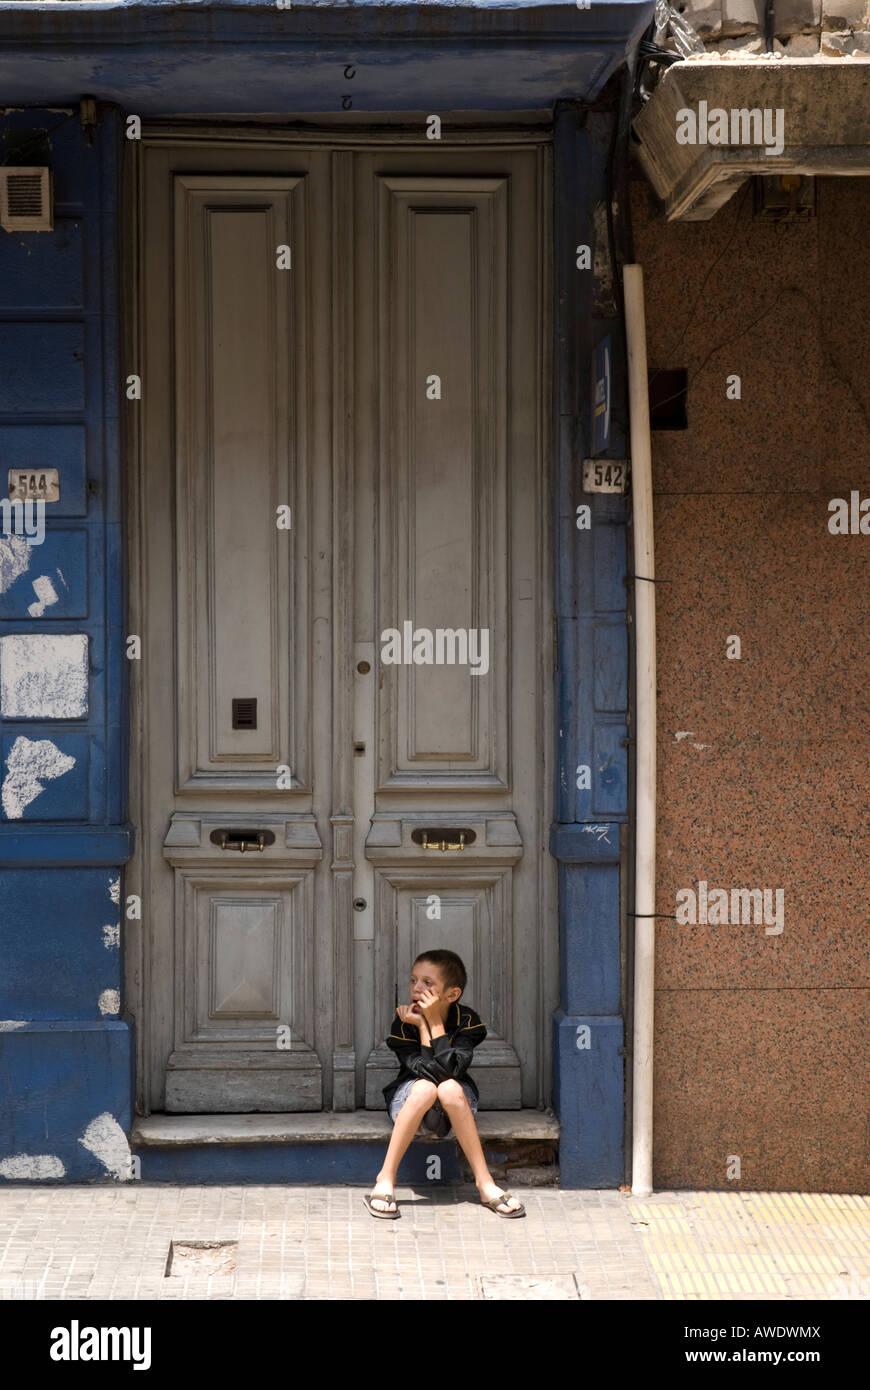 Bambino di strada seduta dalla porta a Montevideo, Uruguay Immagini Stock